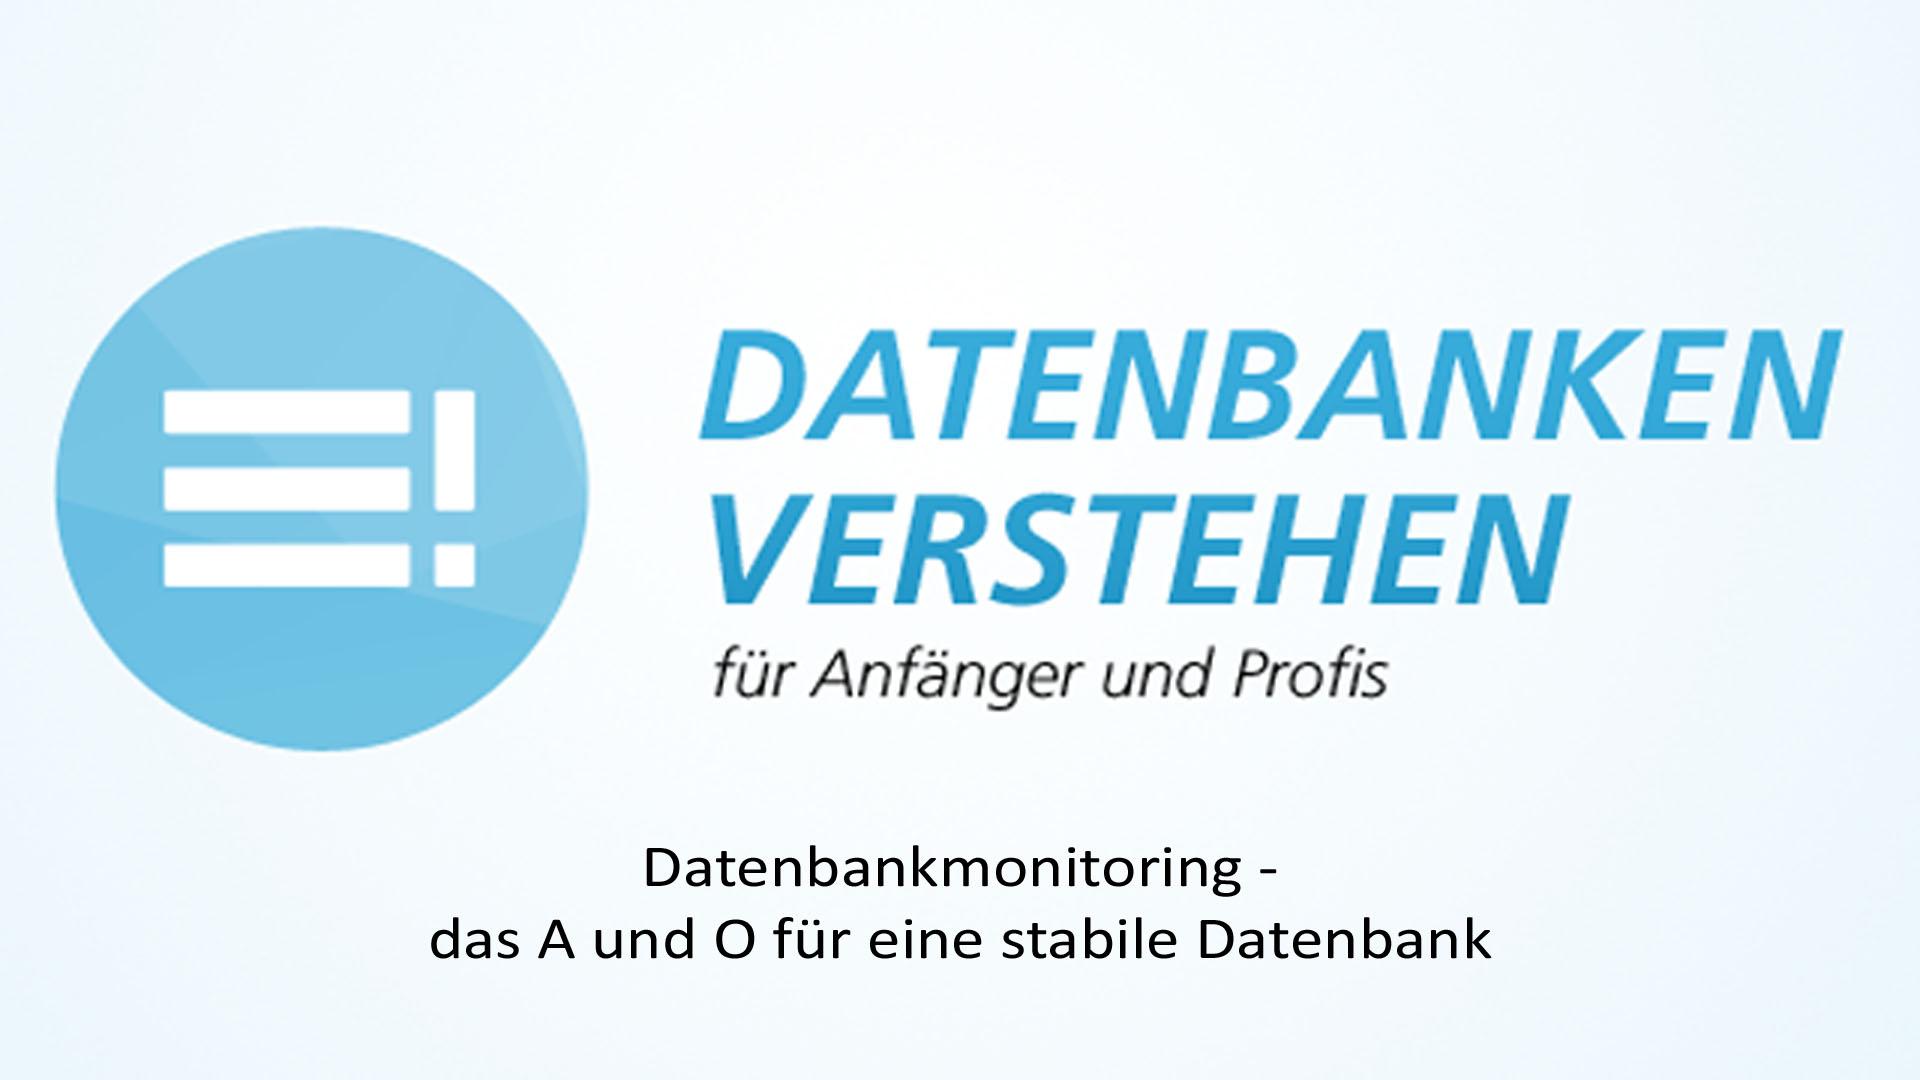 Datenbankmonitoring - das A und O für eine stabile Datenbank | Datenbank Blog